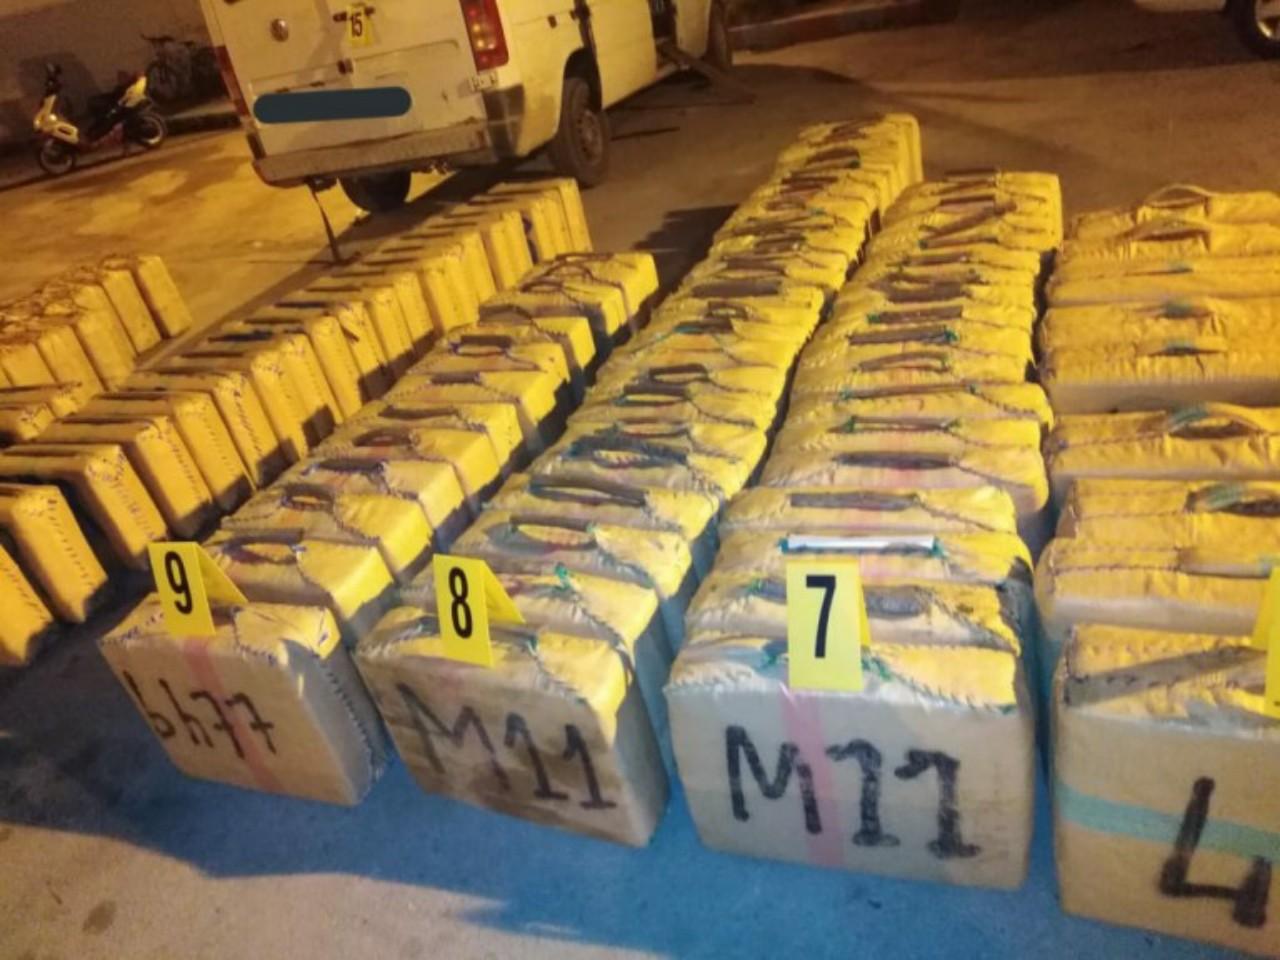 ضبط أزيد من طنين من مخدر الشيرا بالبيضاء